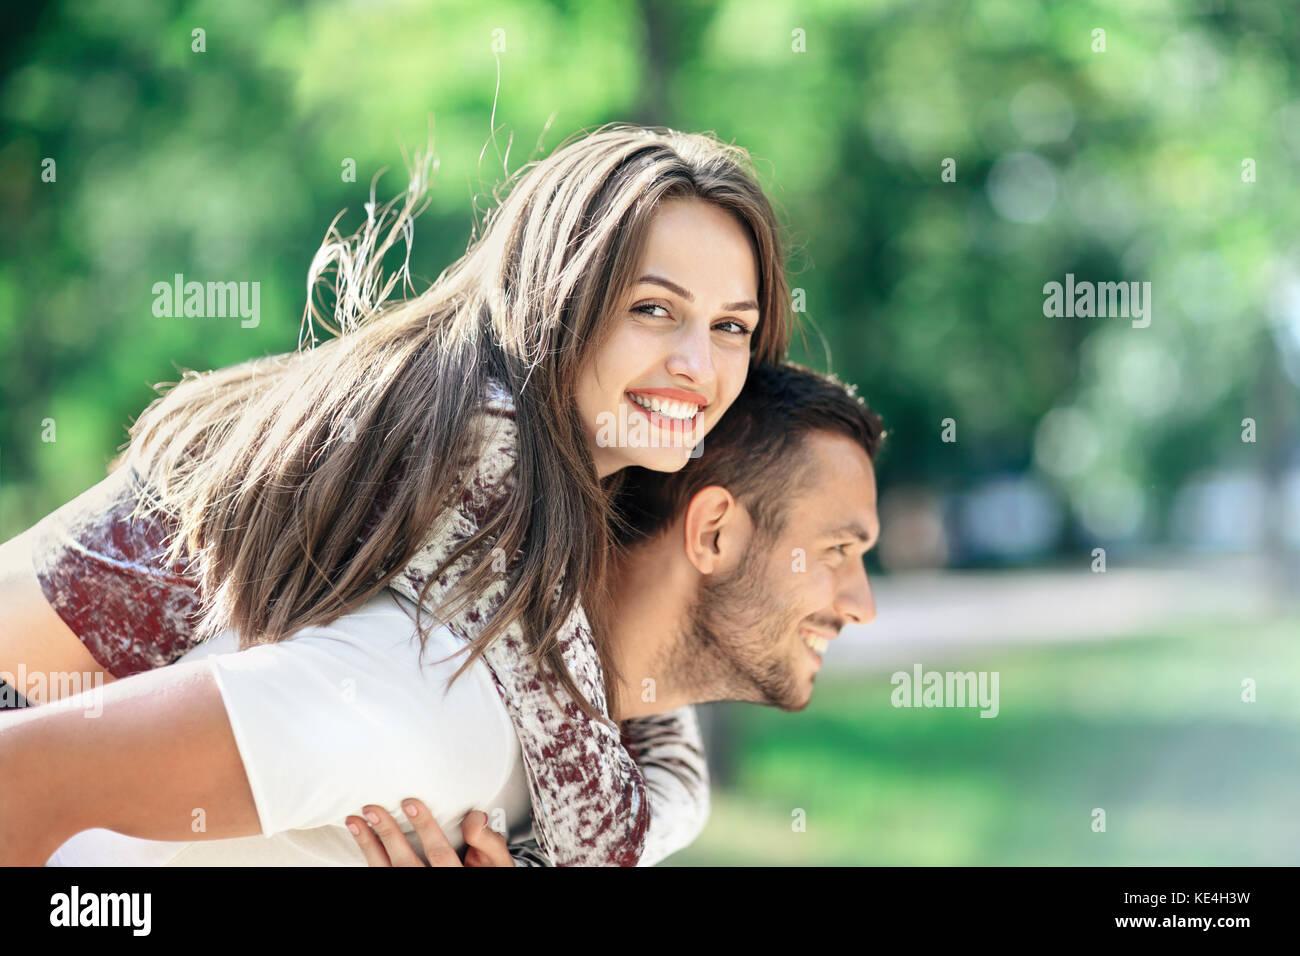 All'esterno ritratto di felici gli amanti del giovane uomo e donna che guarda la fotocamera. Ragazza sorridente Immagini Stock